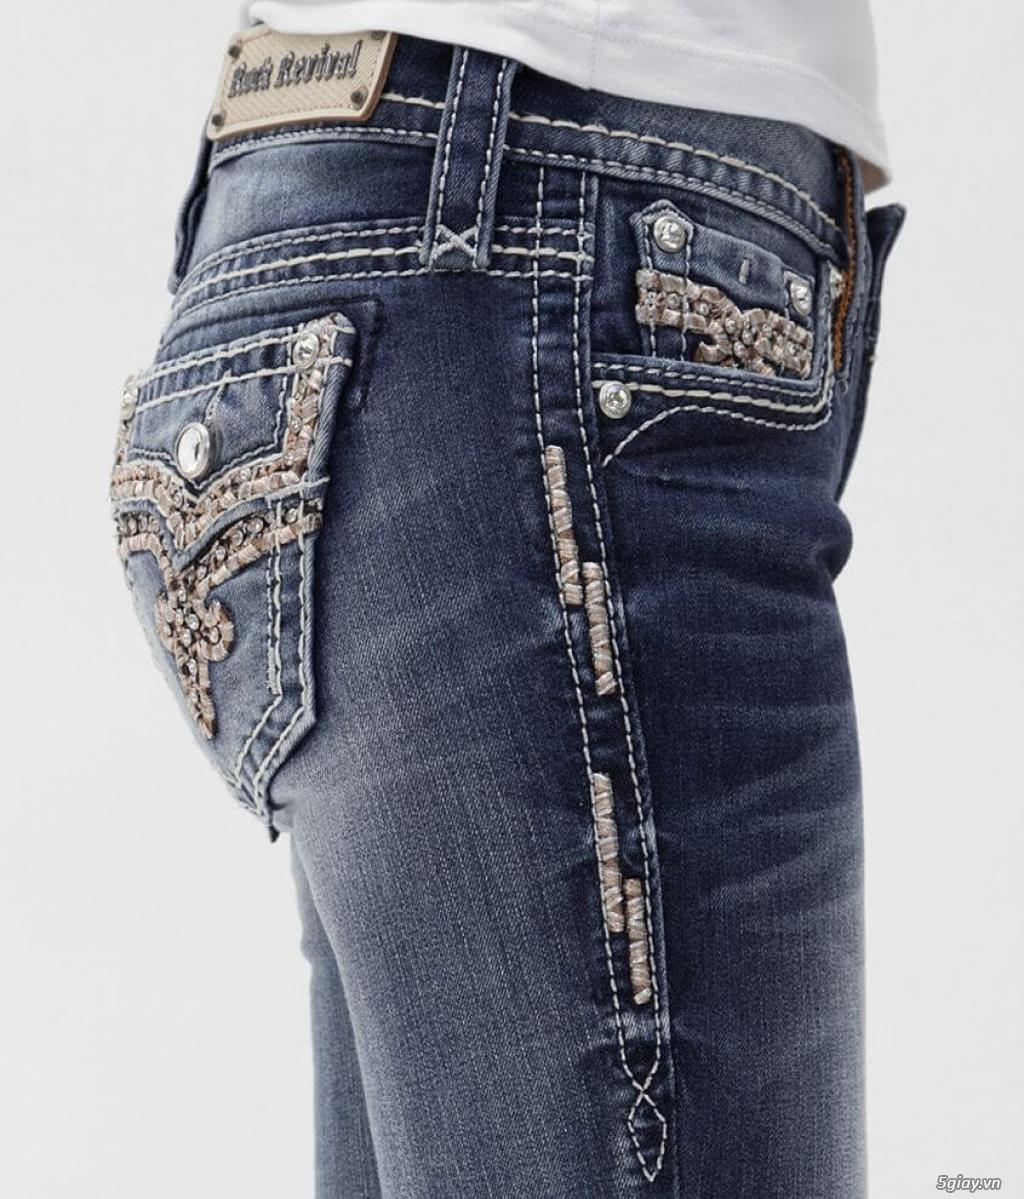 Quần jeans ROCK REVIVAL xuất dư xịn chính hãng - 3